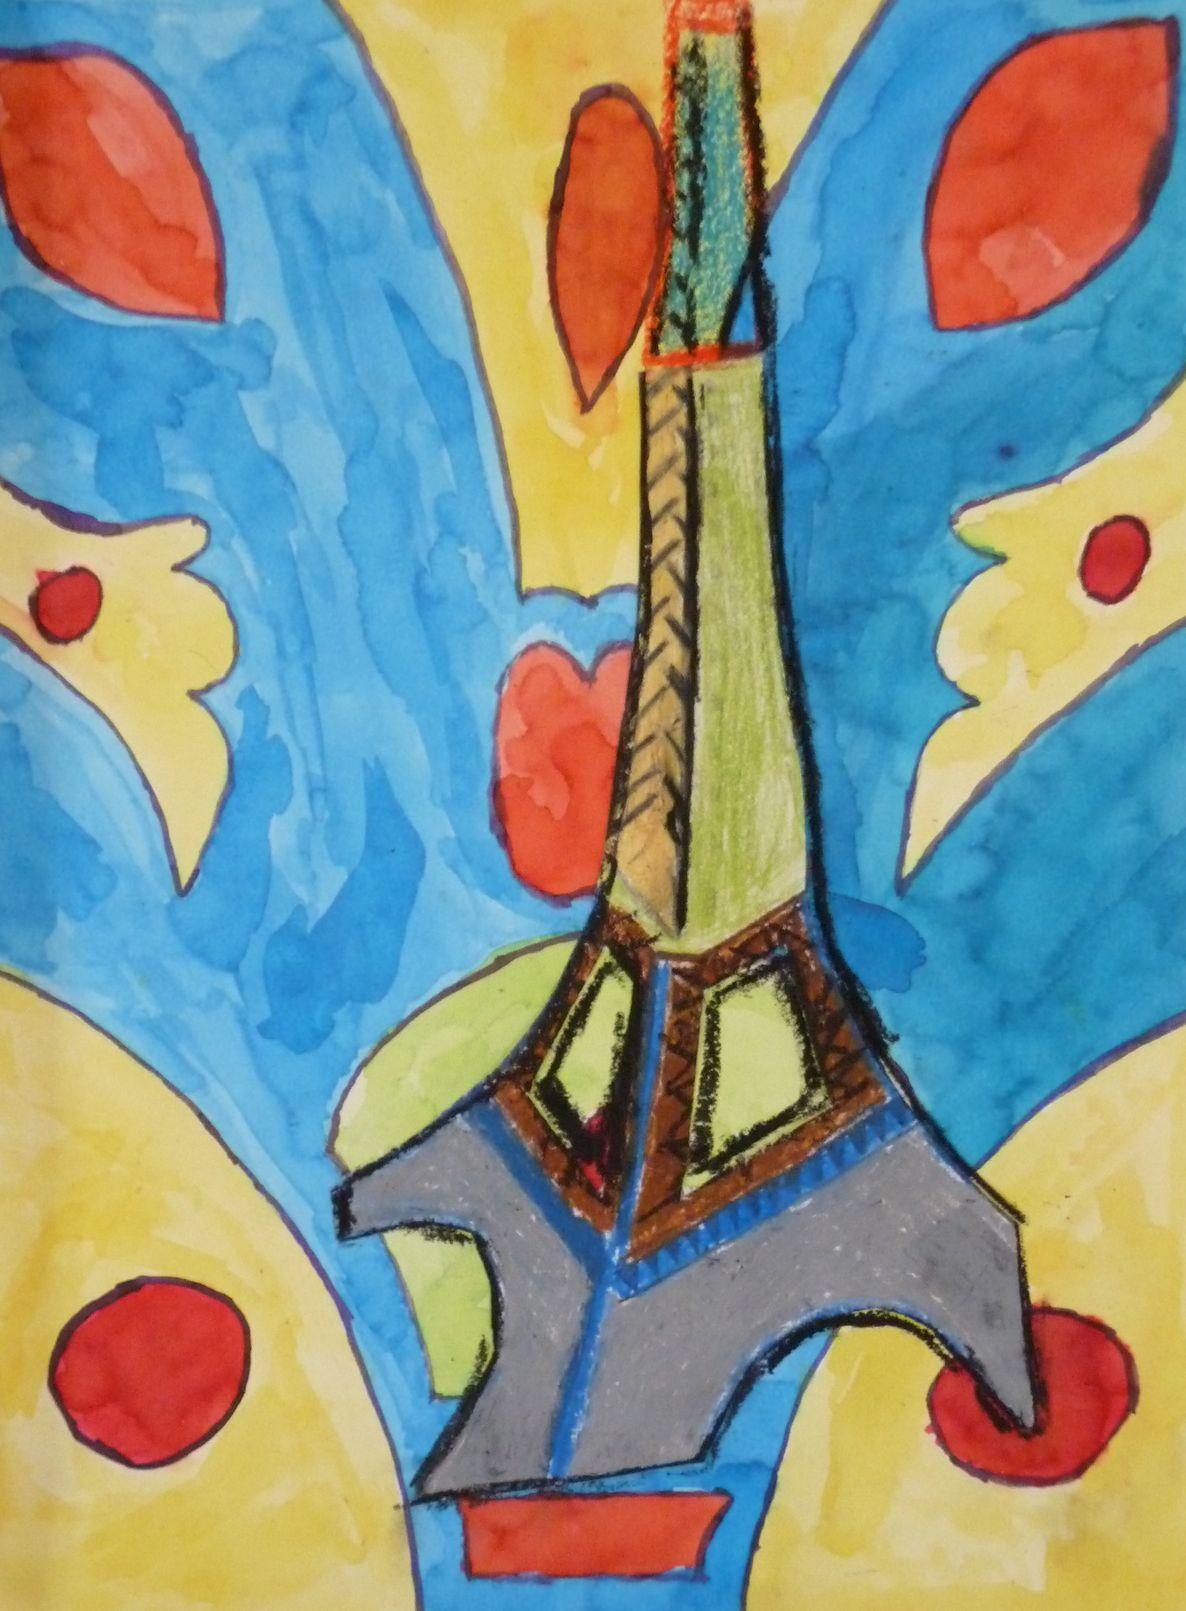 Peinture tour eiffel for A l interieur de la tour eiffel